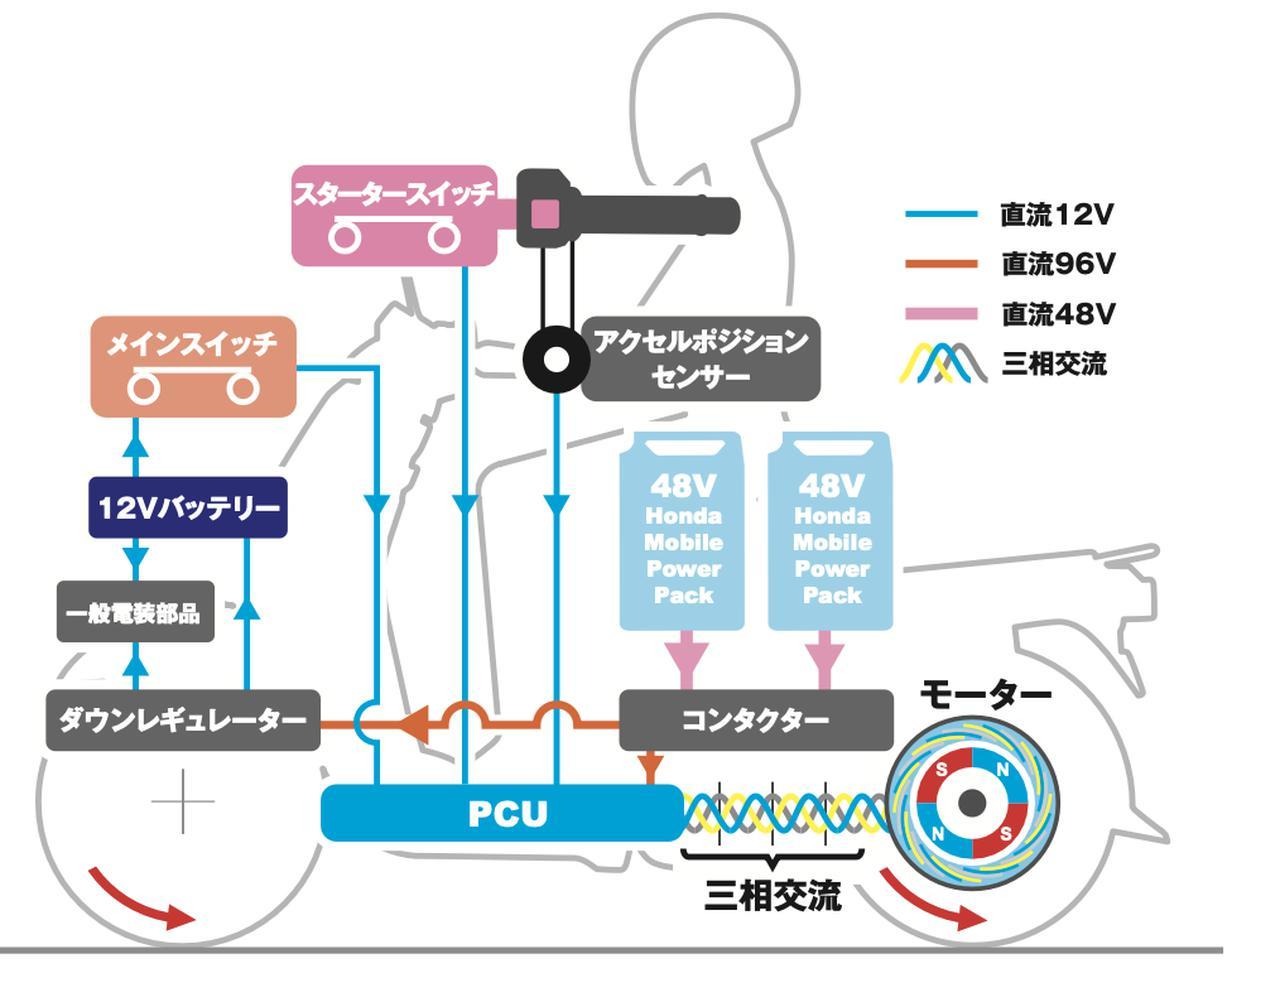 画像: BENLY e:シリーズの、システム作動概要イメージ図。PCX ELECTRICと同じく2個のモバイルパワーパックを、コンタクターで直列接続した96V系の電力を使用。ダウンレギュレーターは、モバイルパワーパックからの供給電圧を96V系から12V系へ降圧し、EVシステム以外の灯火類や12Vバッテリーなどの電装部品へ電力を供給しています。 www.honda.co.jp